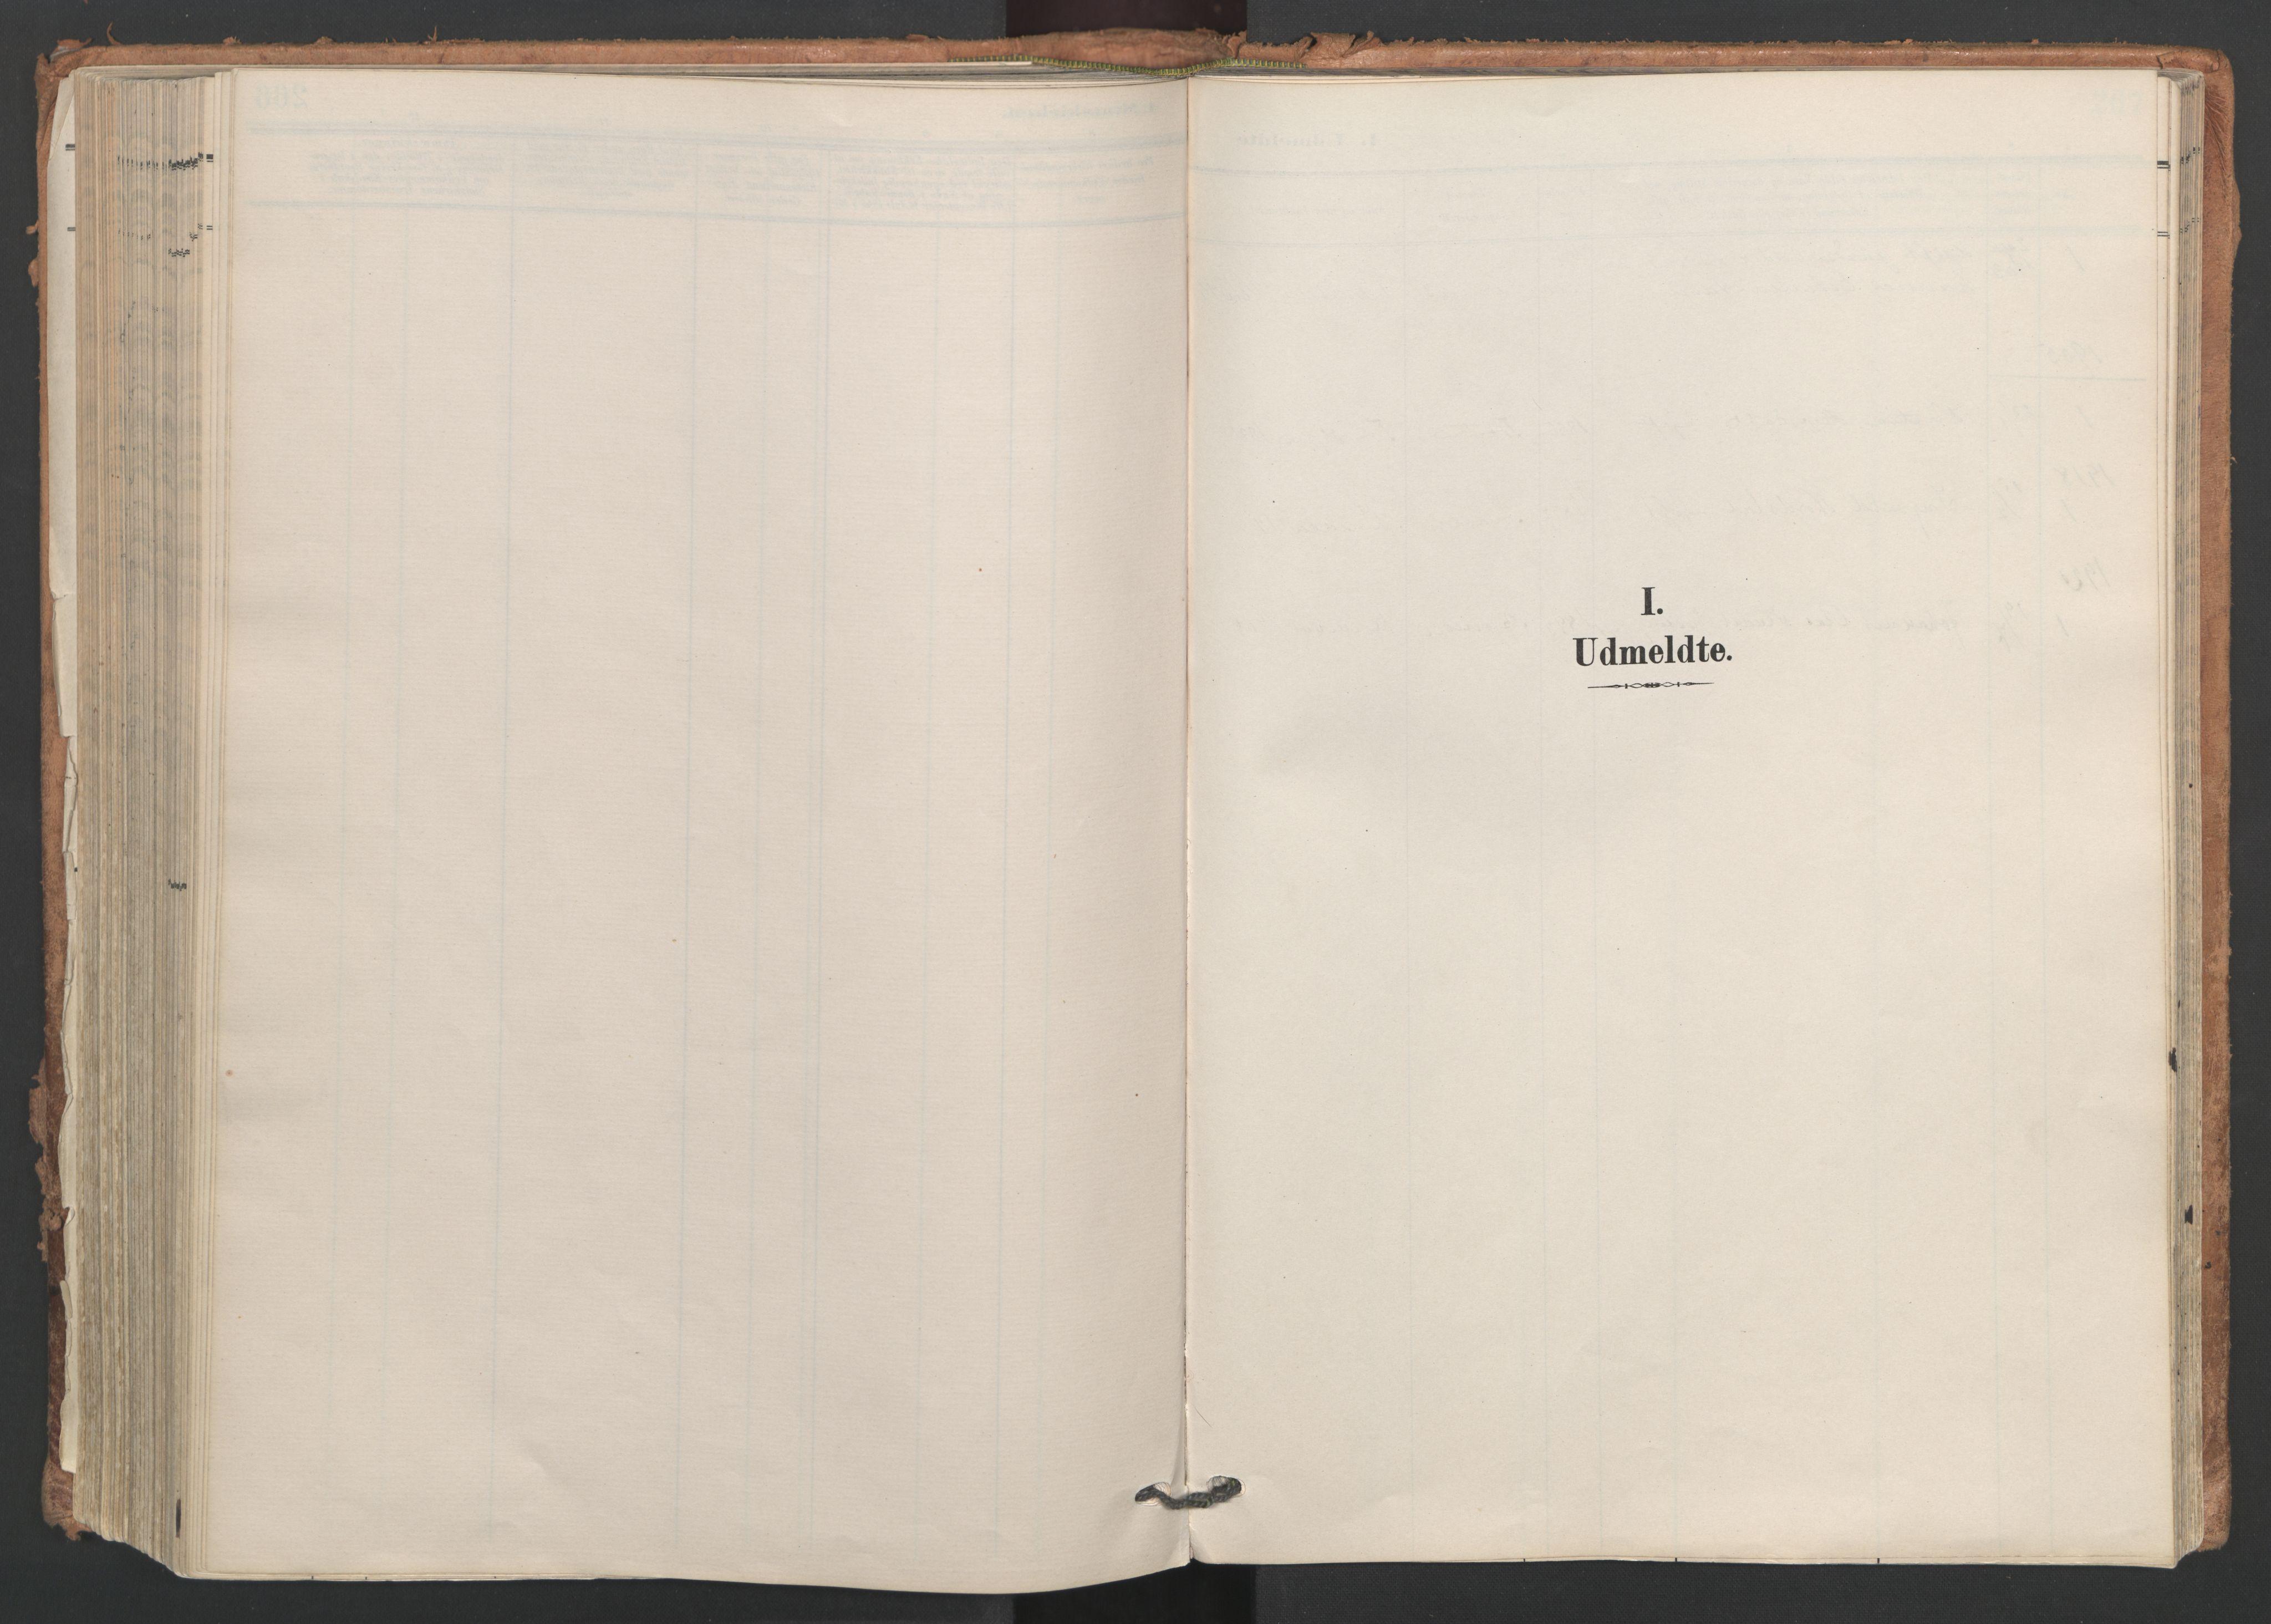 SAT, Ministerialprotokoller, klokkerbøker og fødselsregistre - Nord-Trøndelag, 749/L0477: Ministerialbok nr. 749A11, 1902-1927